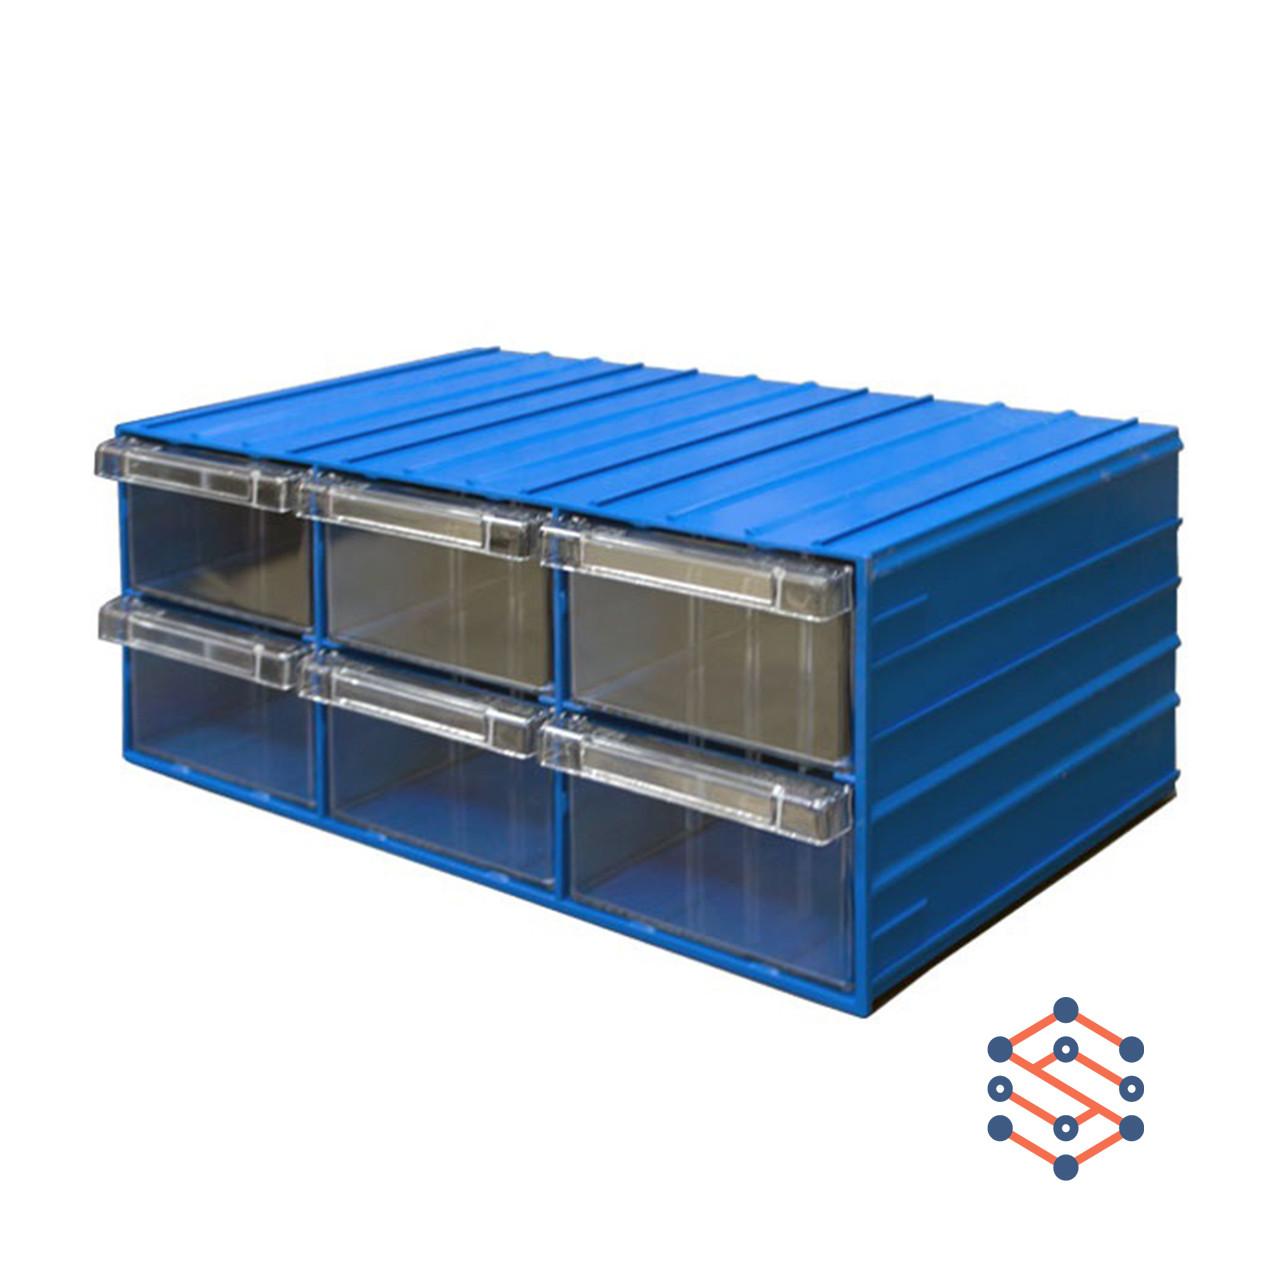 Модульный выдвижной лоток с 6 ящиками 370х204х160 мм